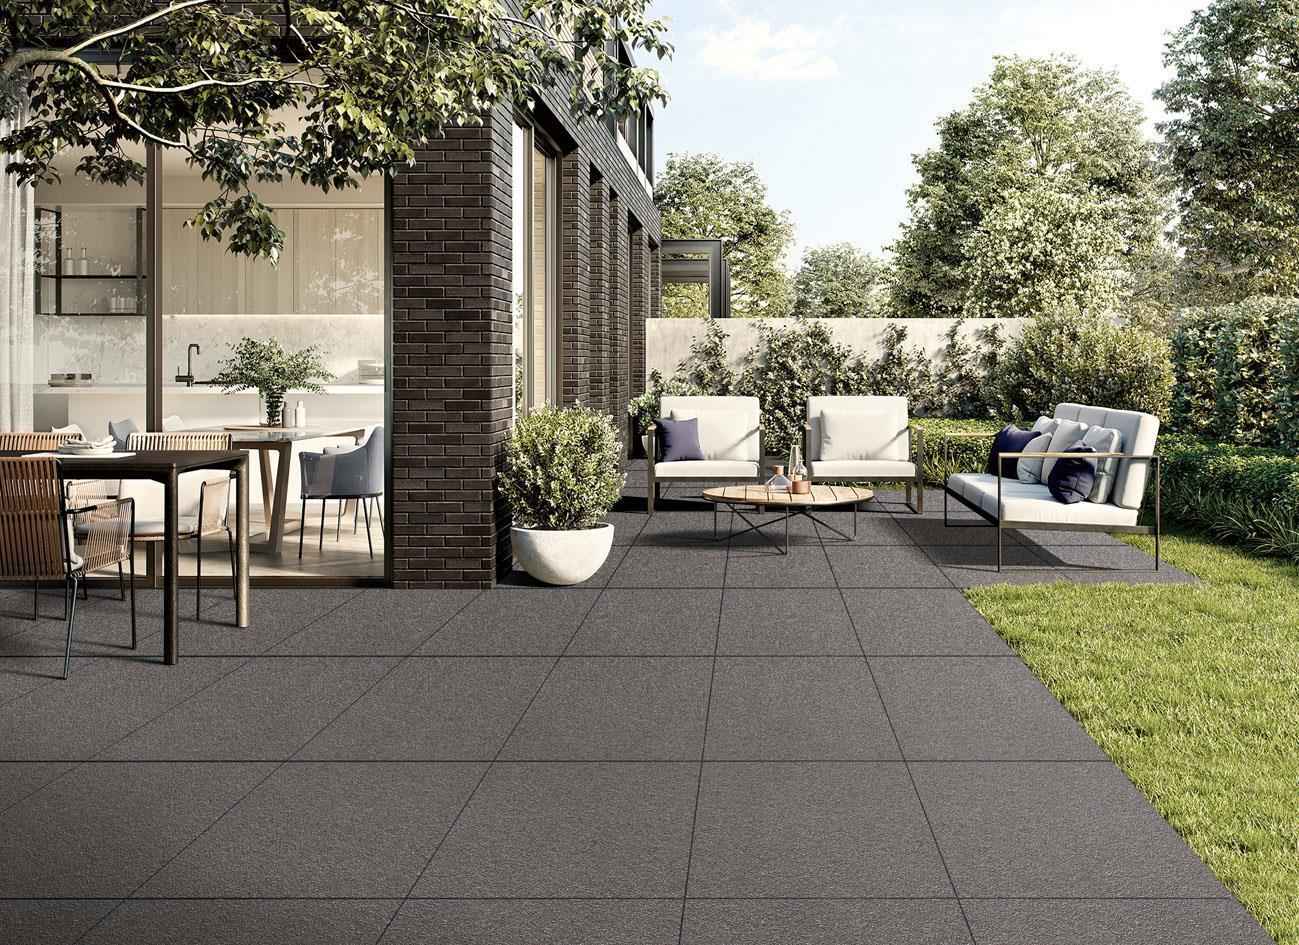 工程专用厚砖:2cm石英砖瓷砖厚板规格有哪些?